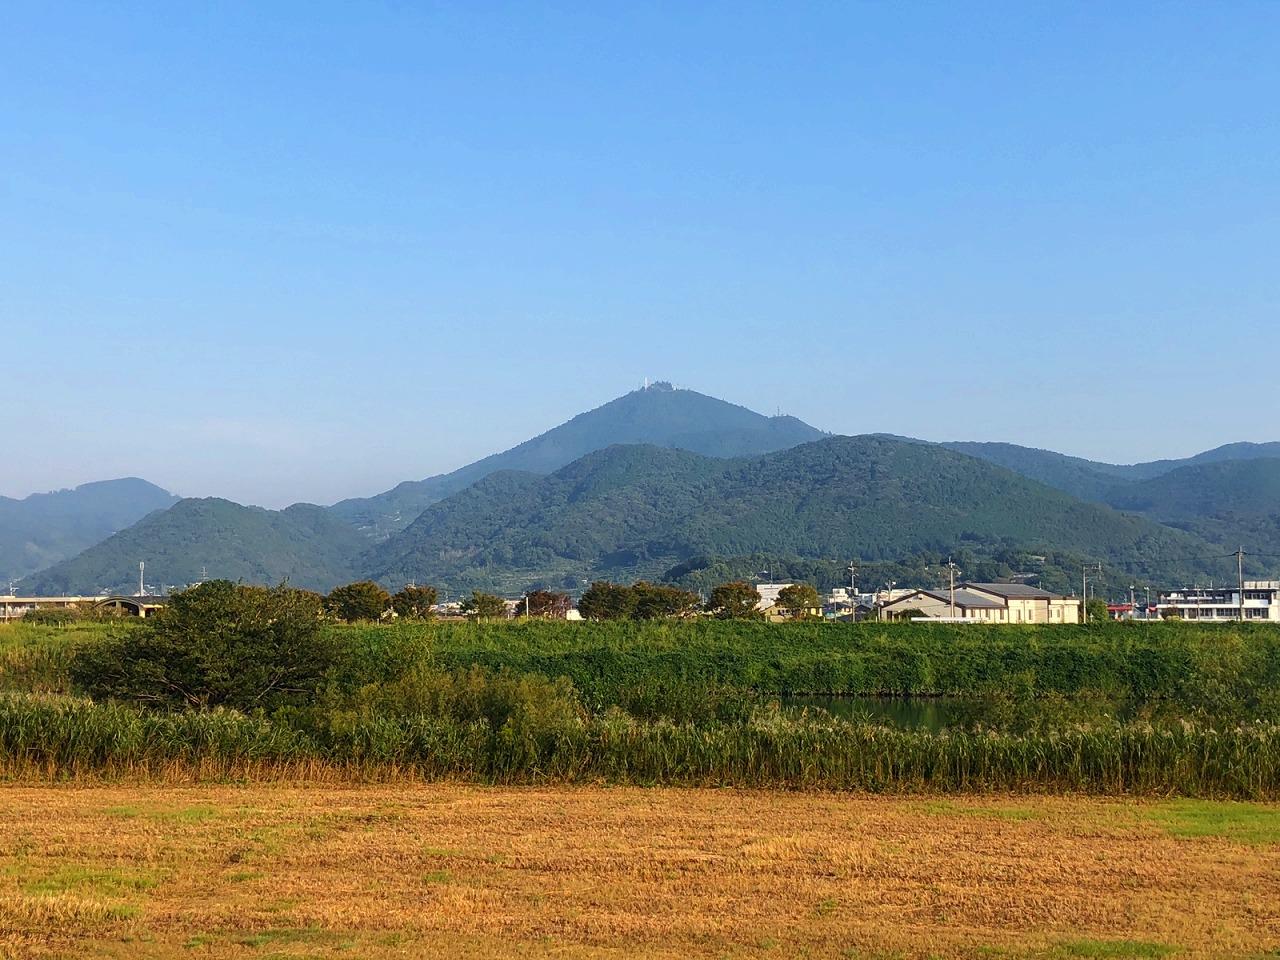 2018.10.9今朝の金峰山です。